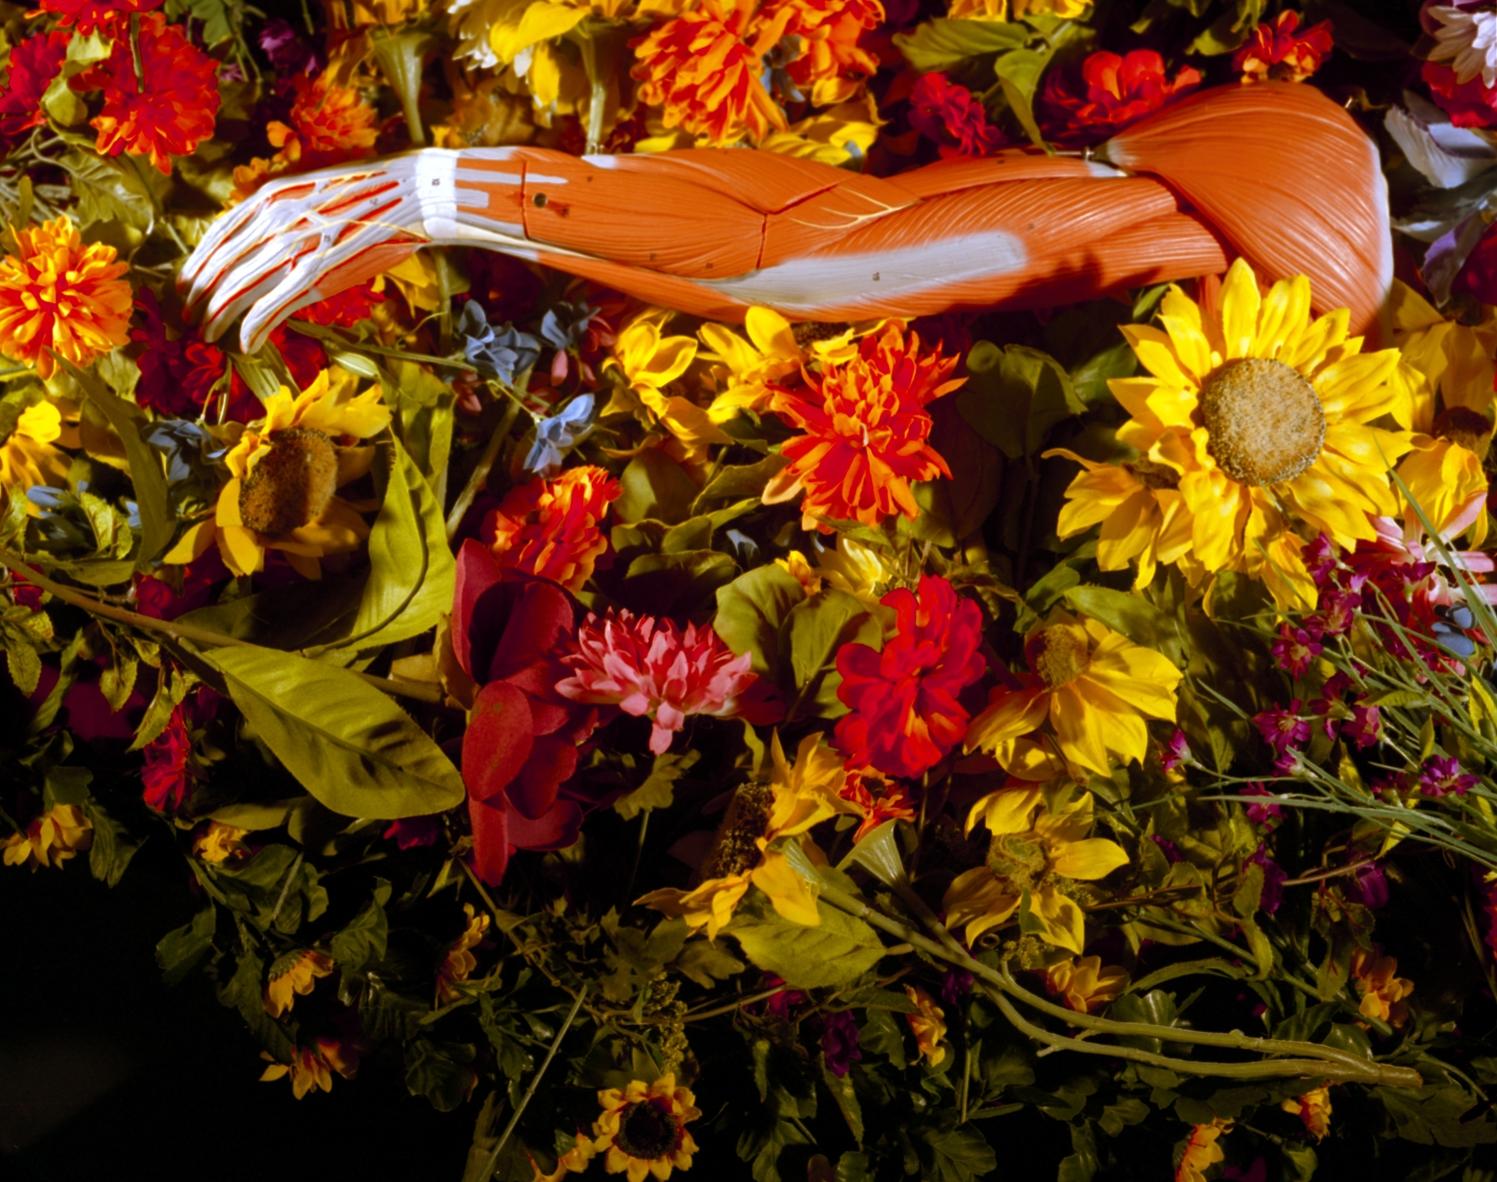 Alaina Hickman, from  Anatomical .